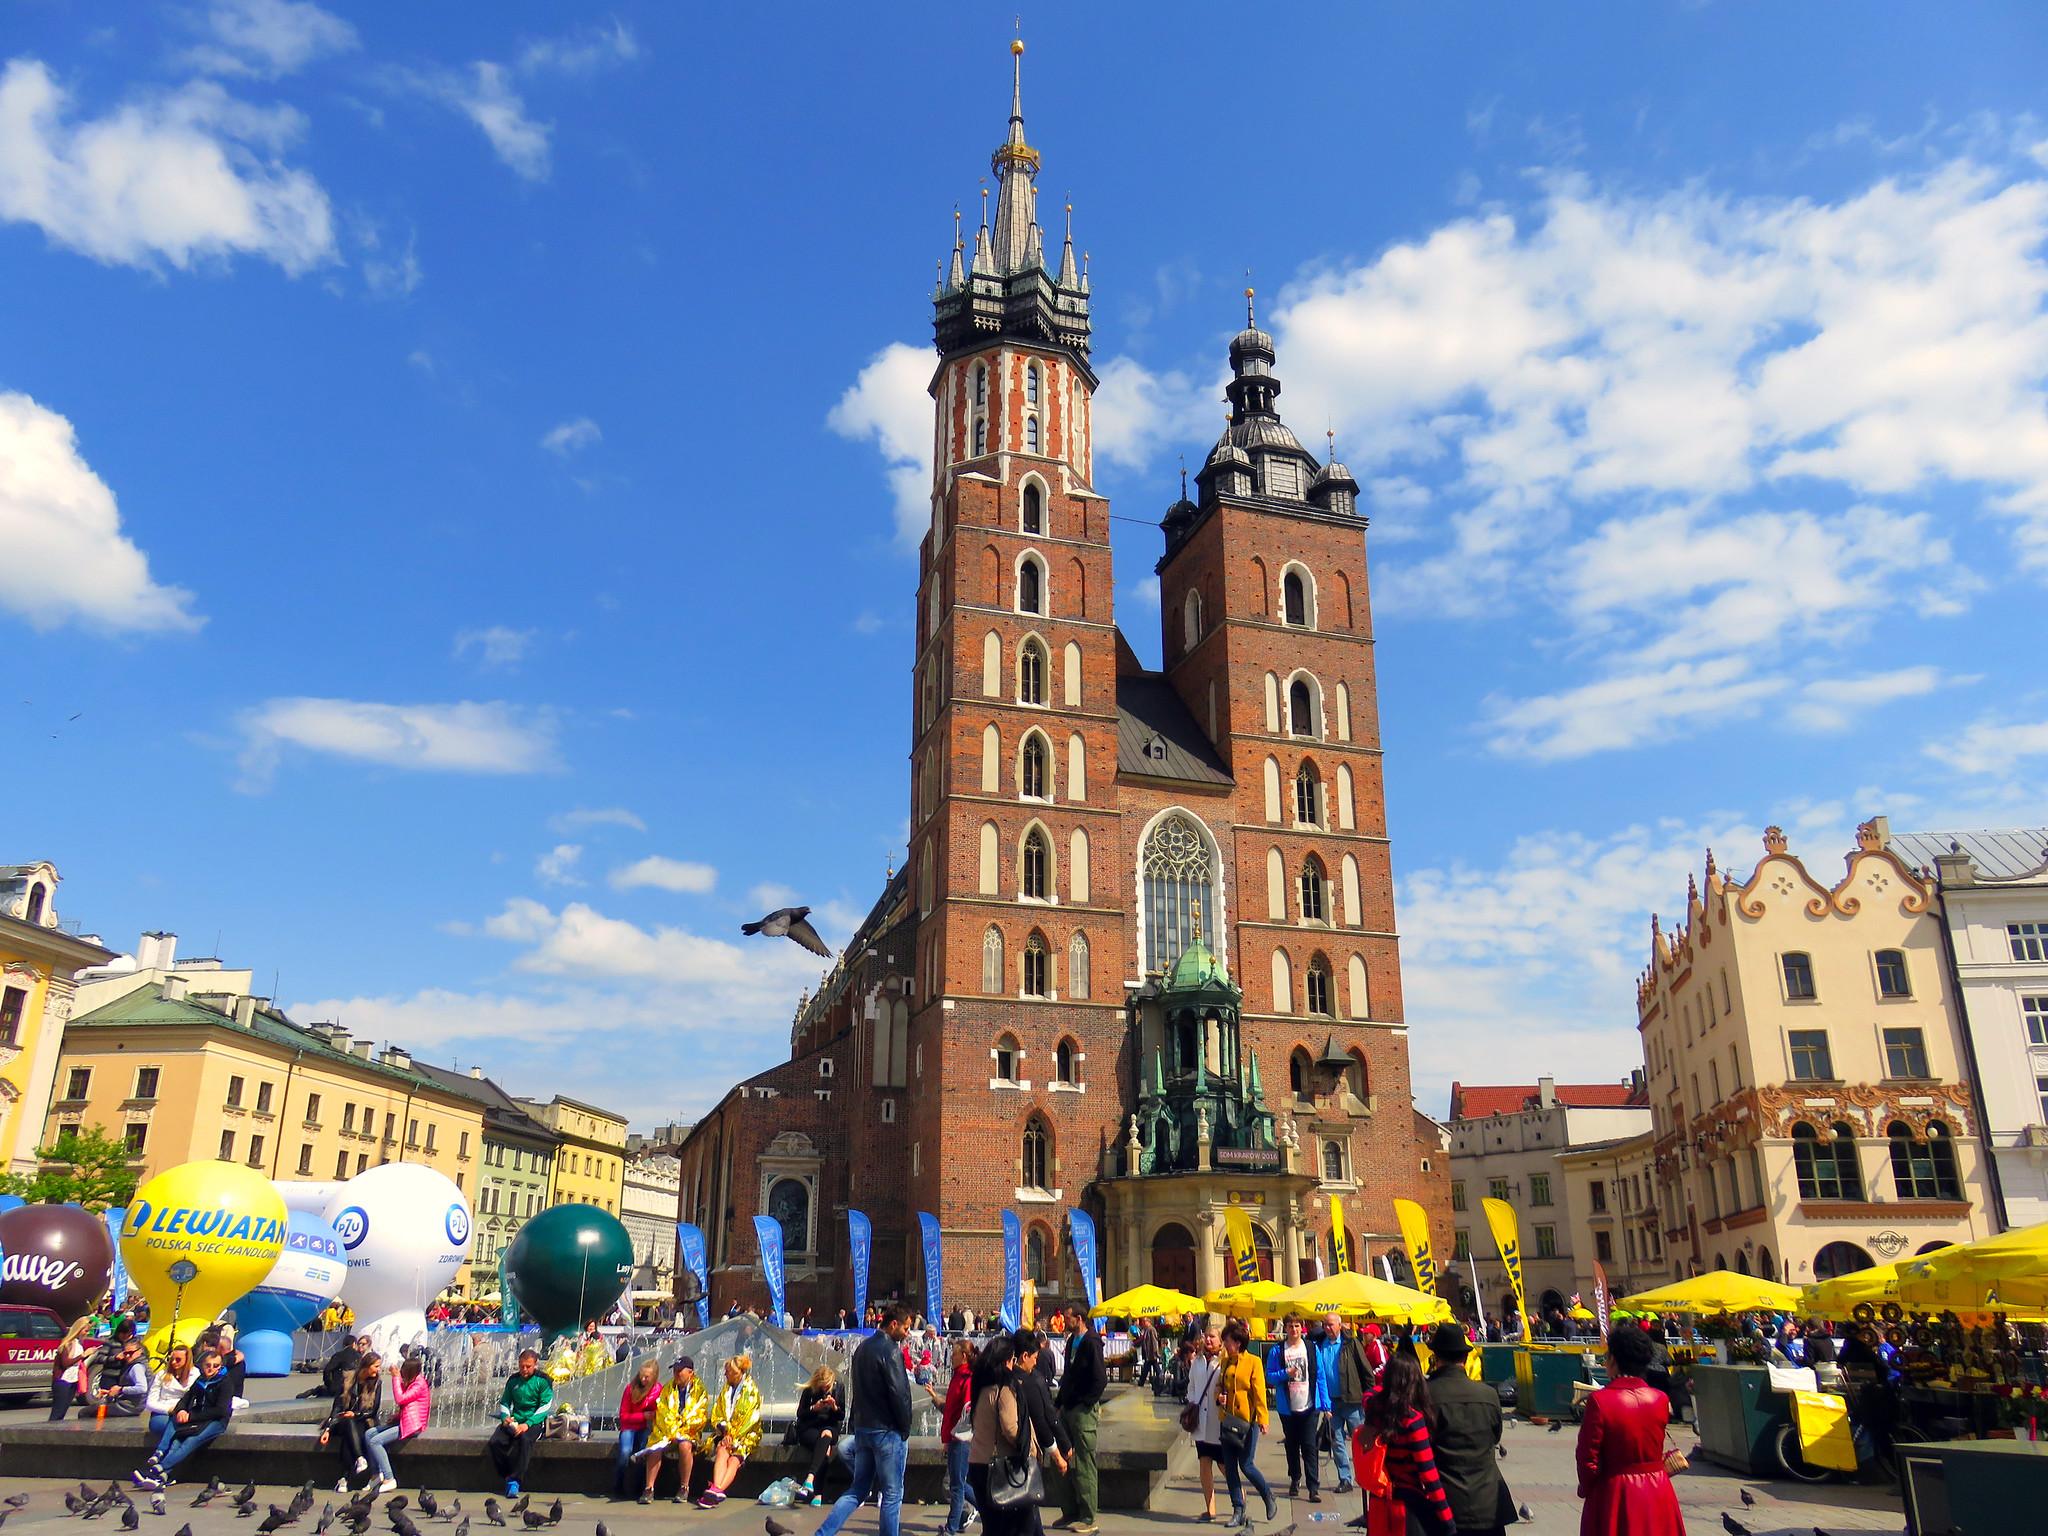 Qué ver en Cracovia, Krakow, Polonia, Poland qué ver en cracovia - 38652459490 1767e835e0 k - Qué ver en Cracovia, Polonia